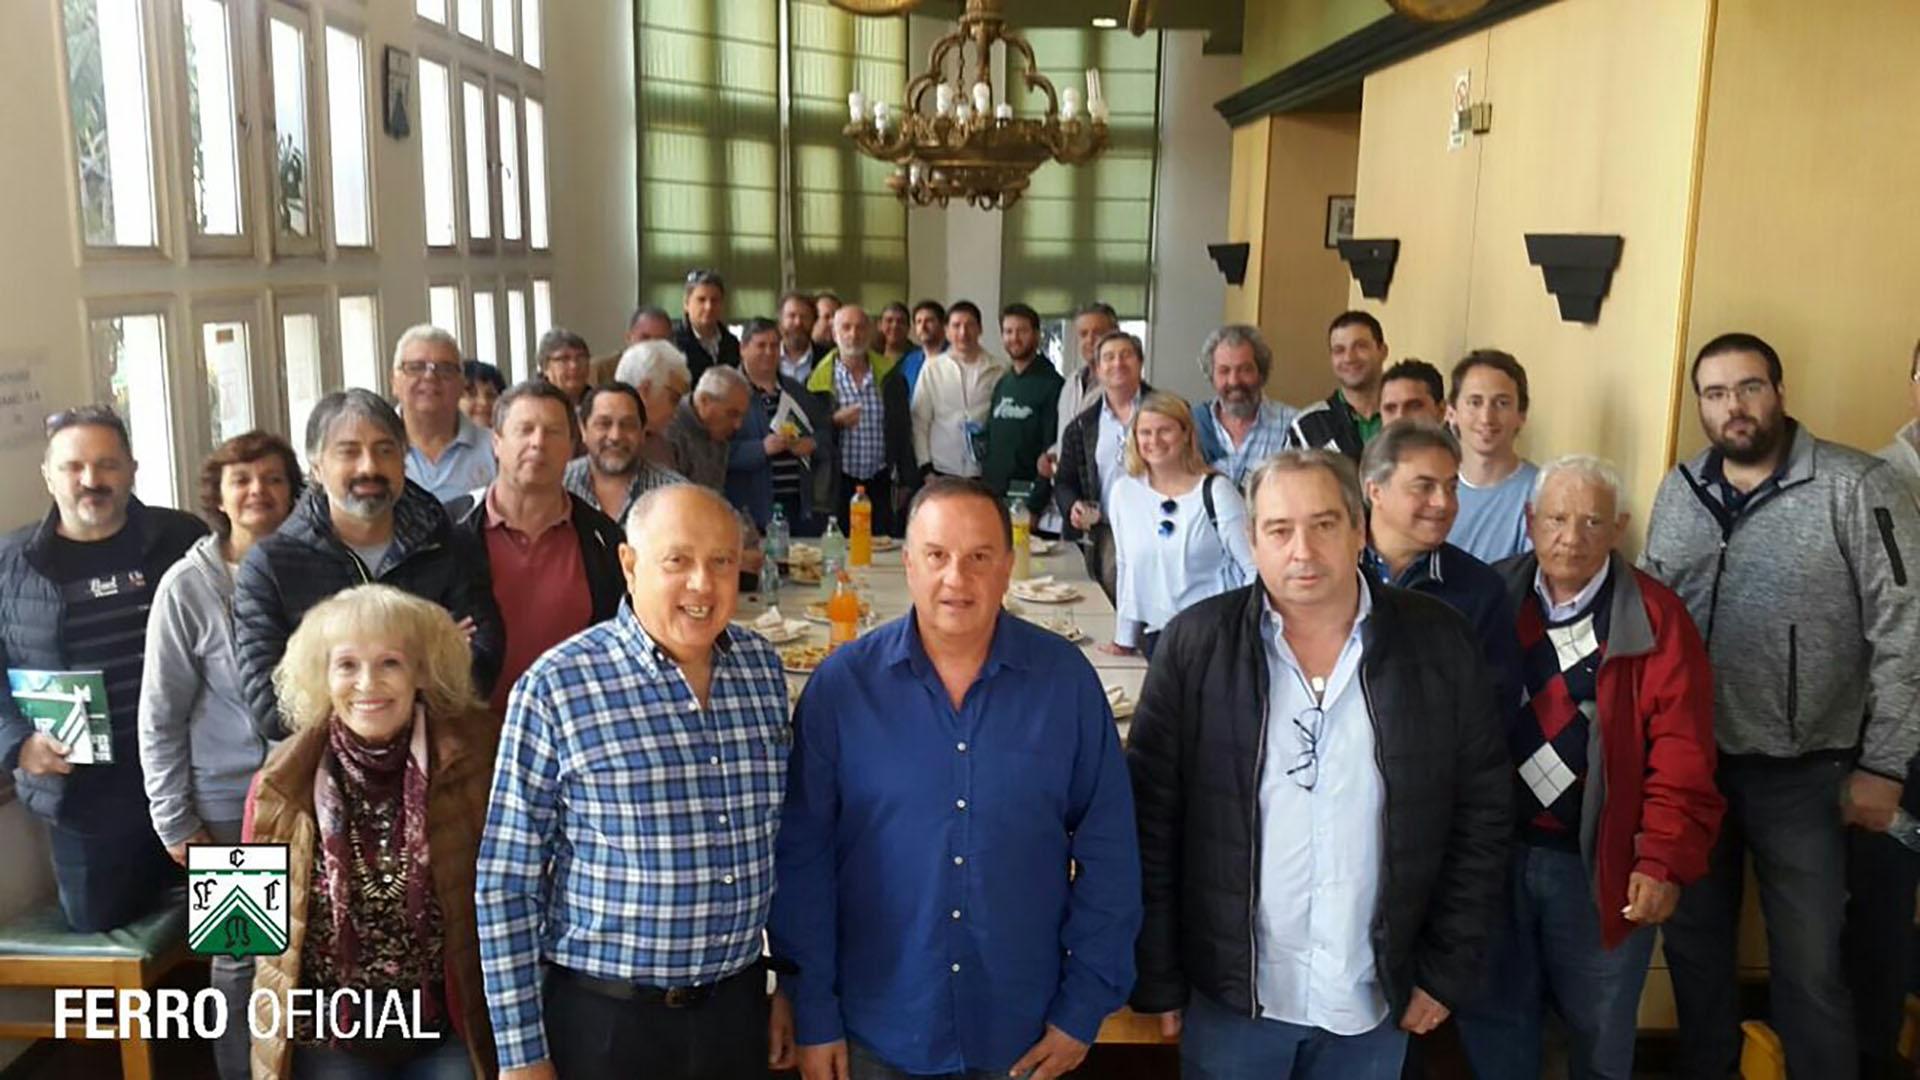 Pandolfi, de camisa azul, en el centro de la foto.